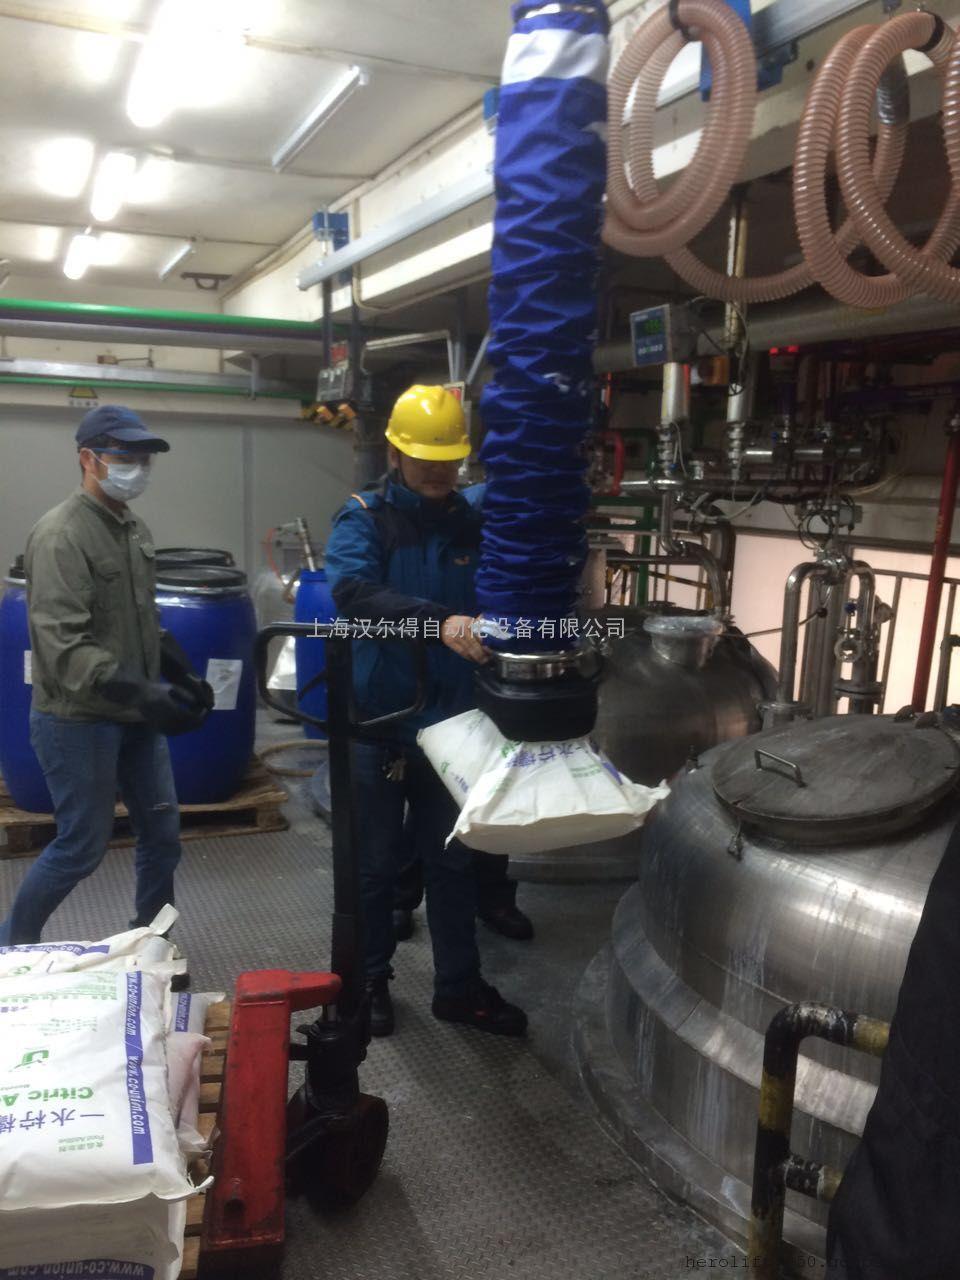 汉尔得桥式轨道系统、50kg编织袋投料真空提升吊具